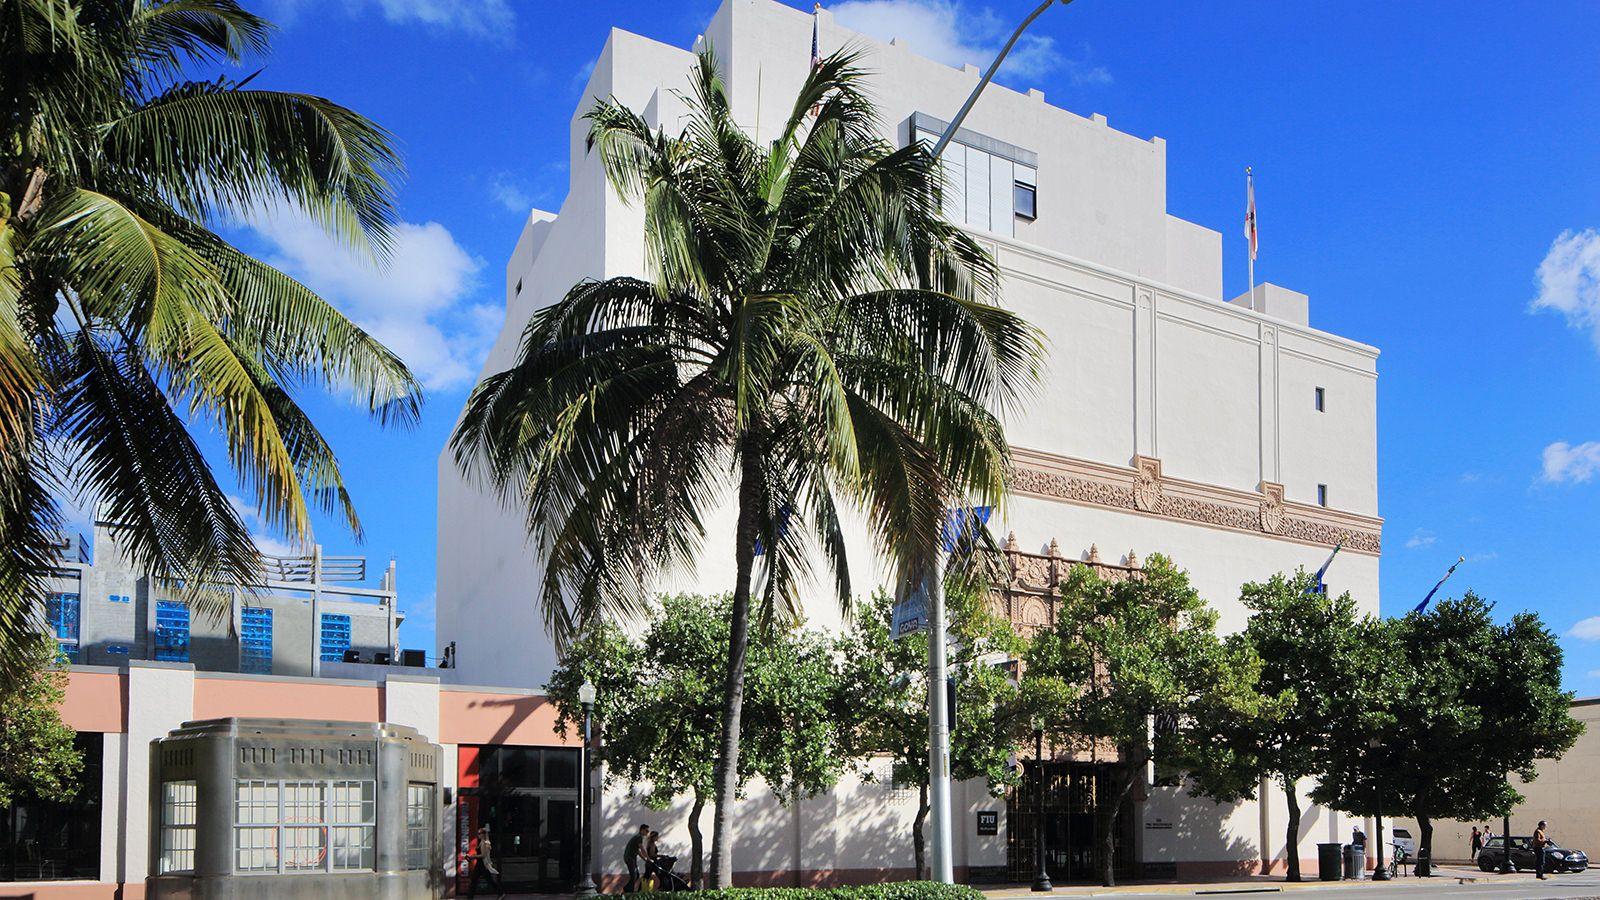 The Wolfsonian Florida International University